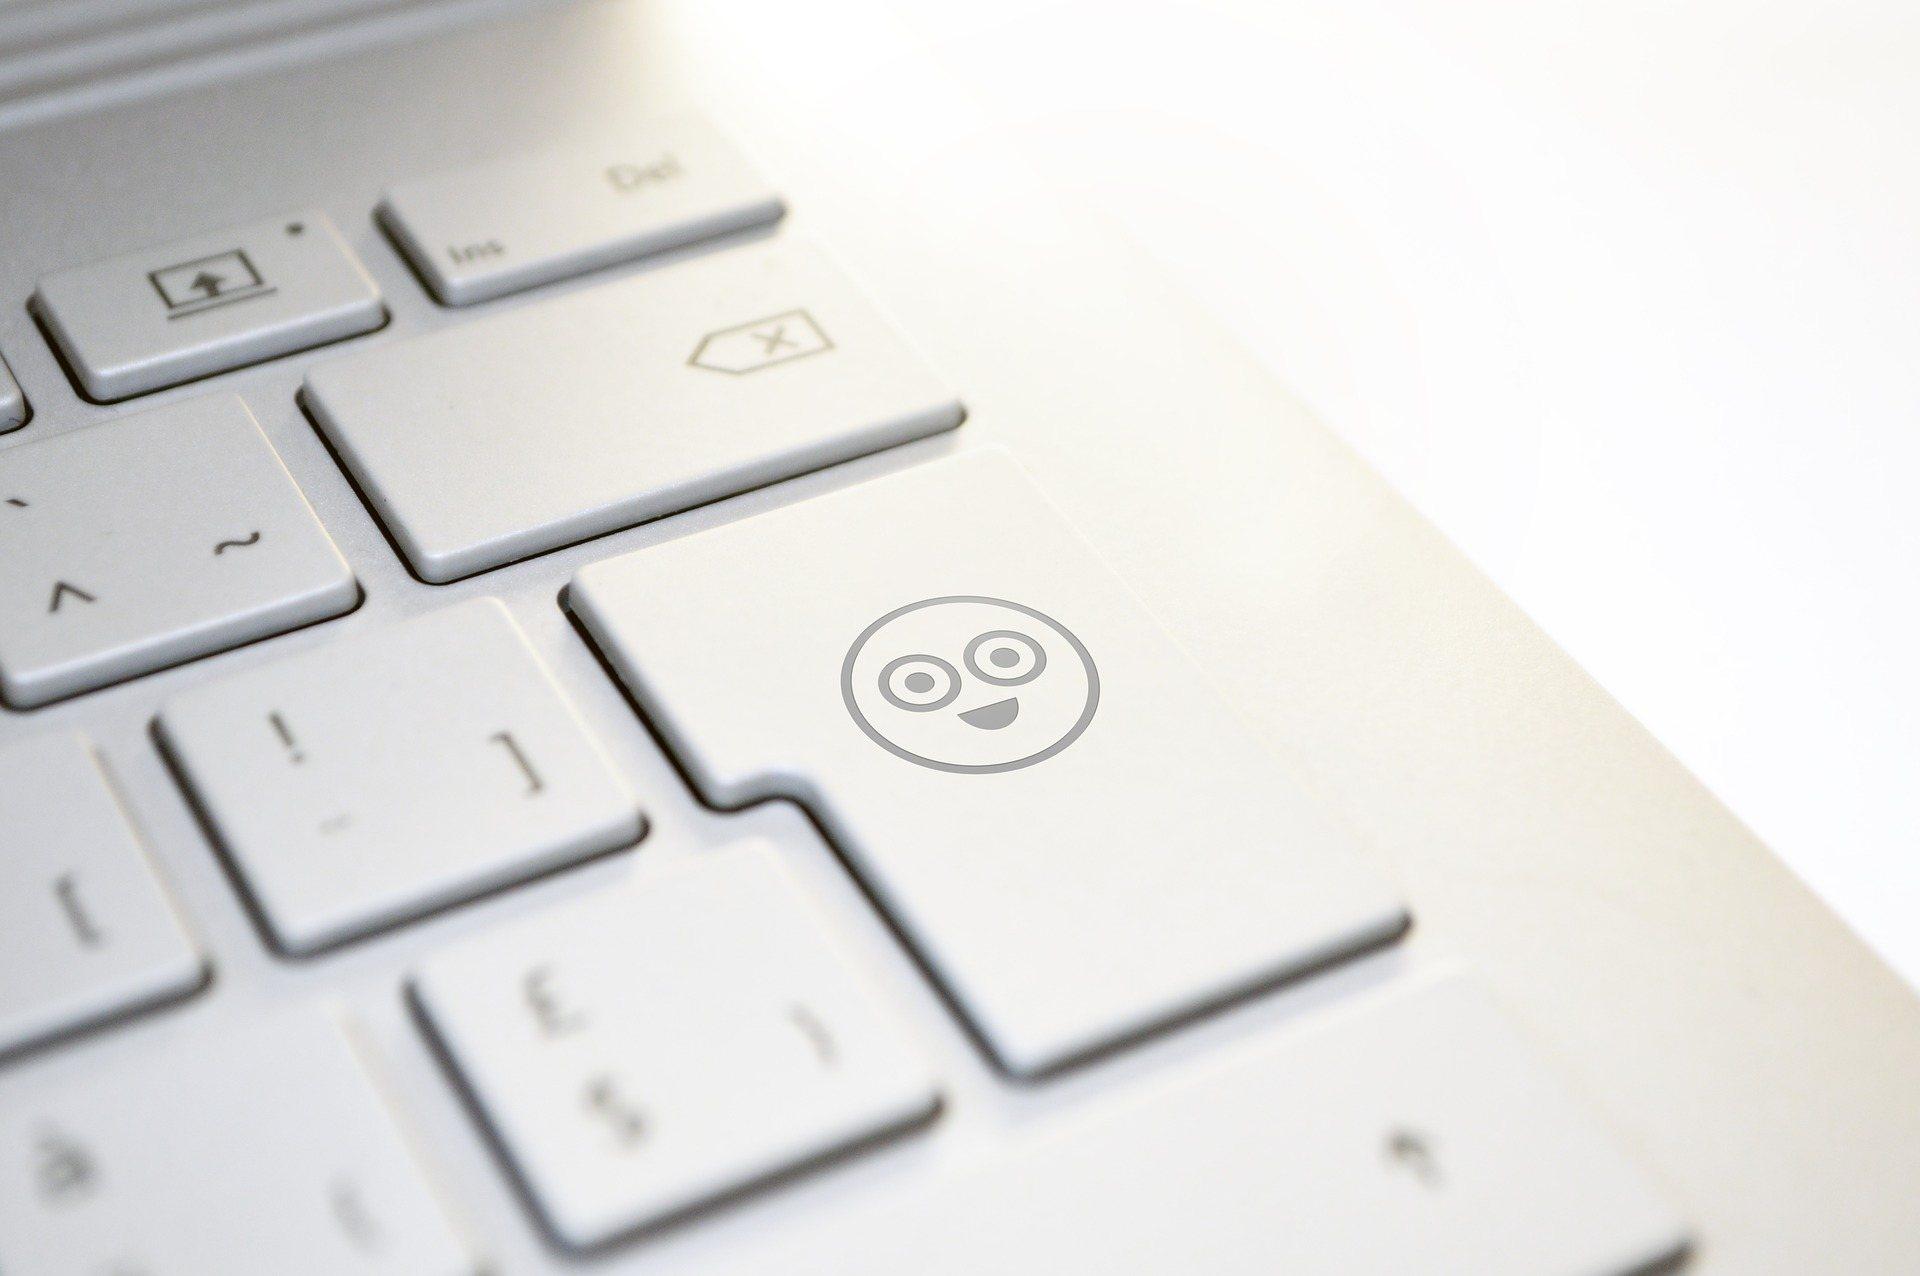 Interneto etika – mandagaus ir pagarbaus elgesio būtinybė, ne tik realiame, bet ir virtualiame gyvenime